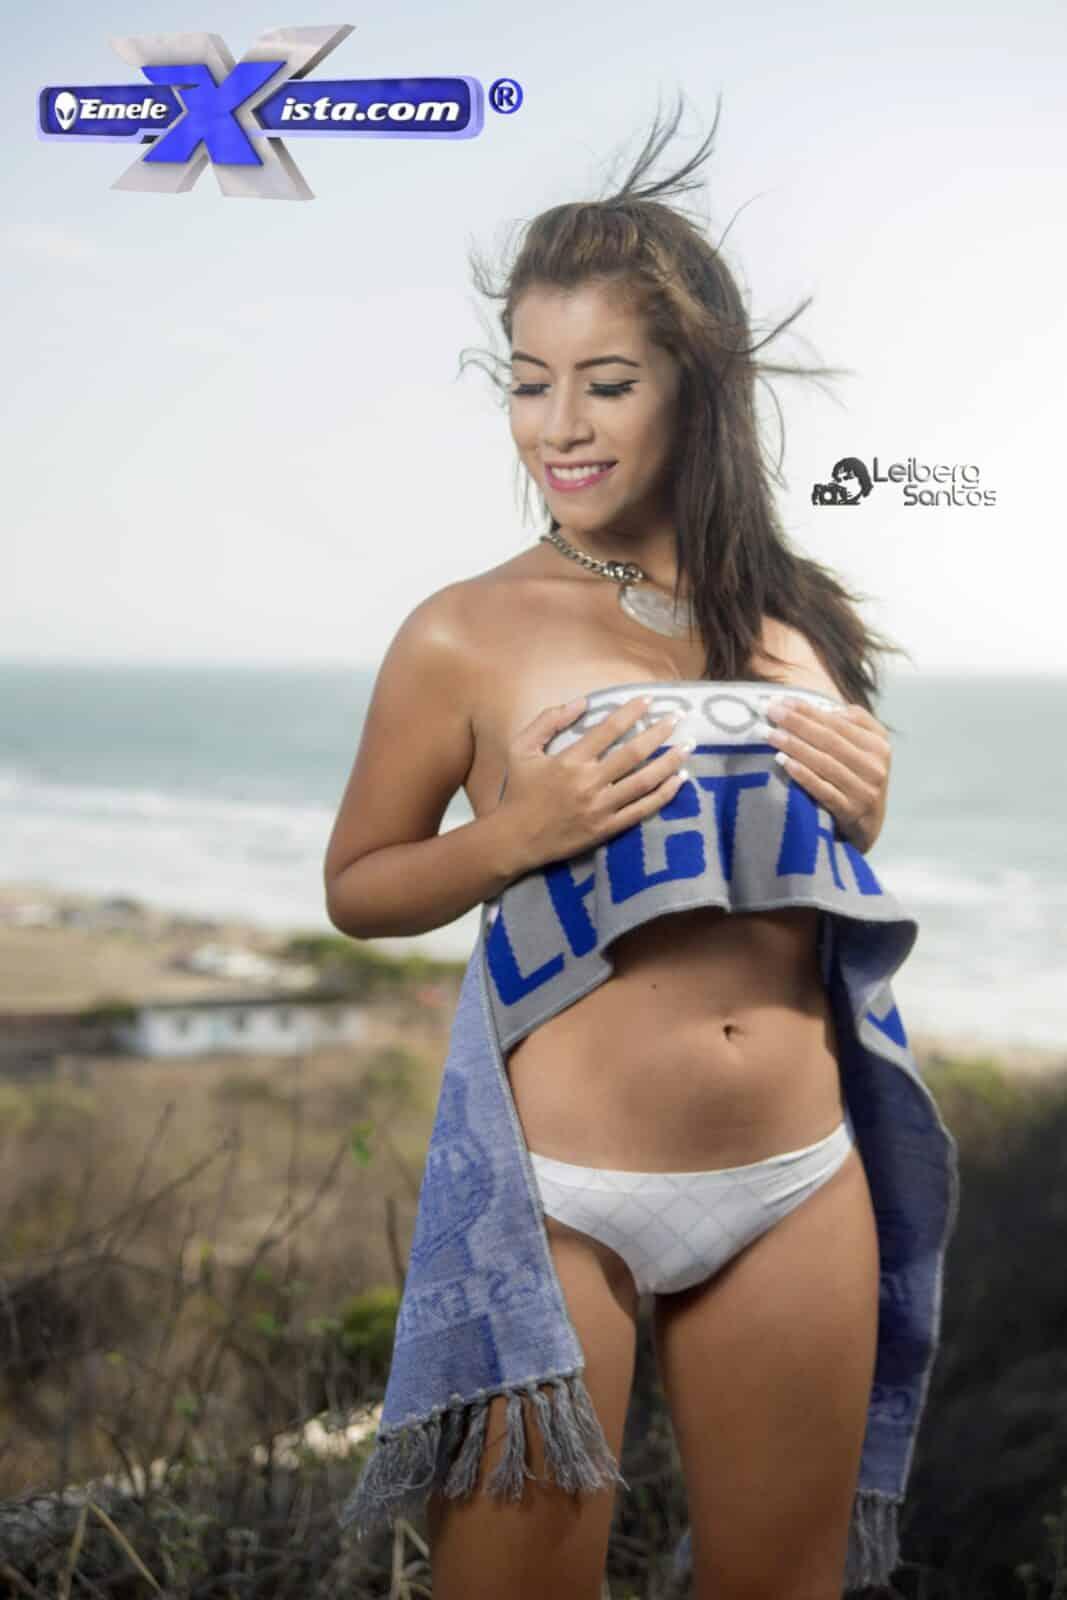 Mabel Alava y Carola Cruz desde San Clemente fotos por Leiberg Santos